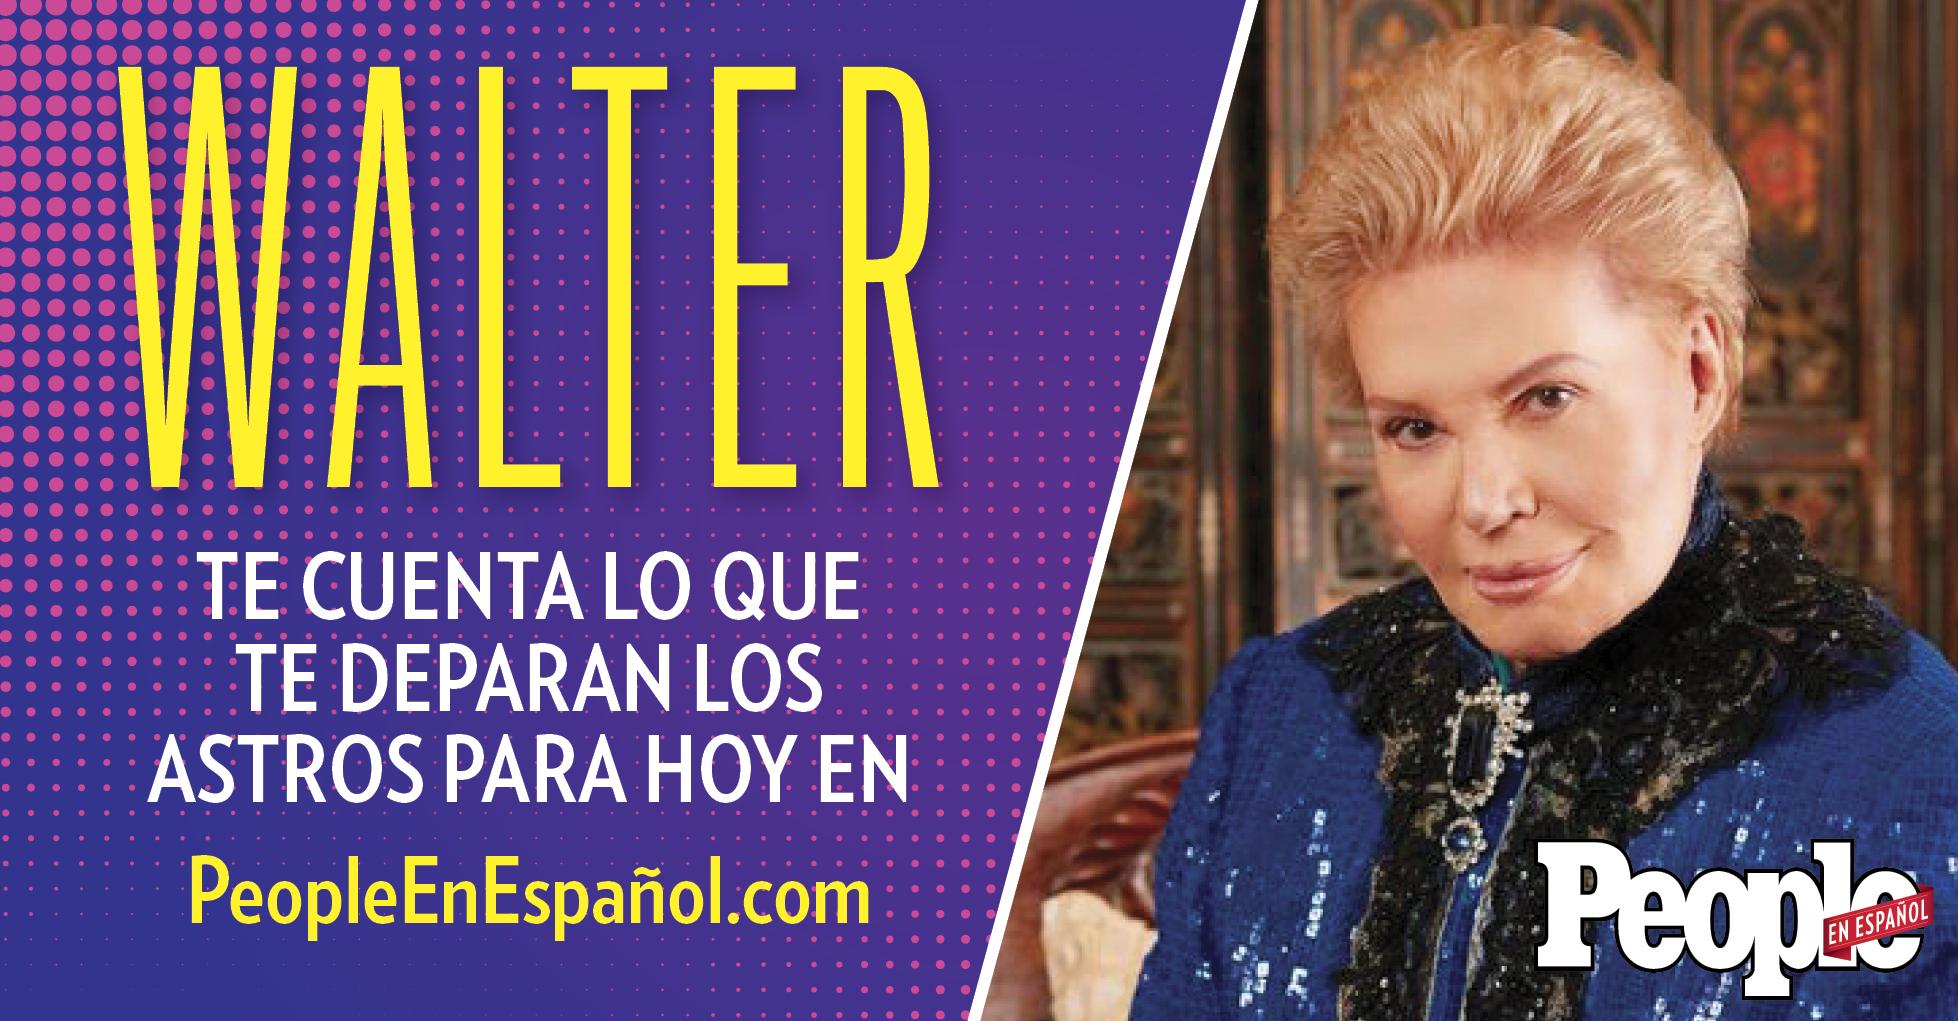 Walter Mercado/People en Español